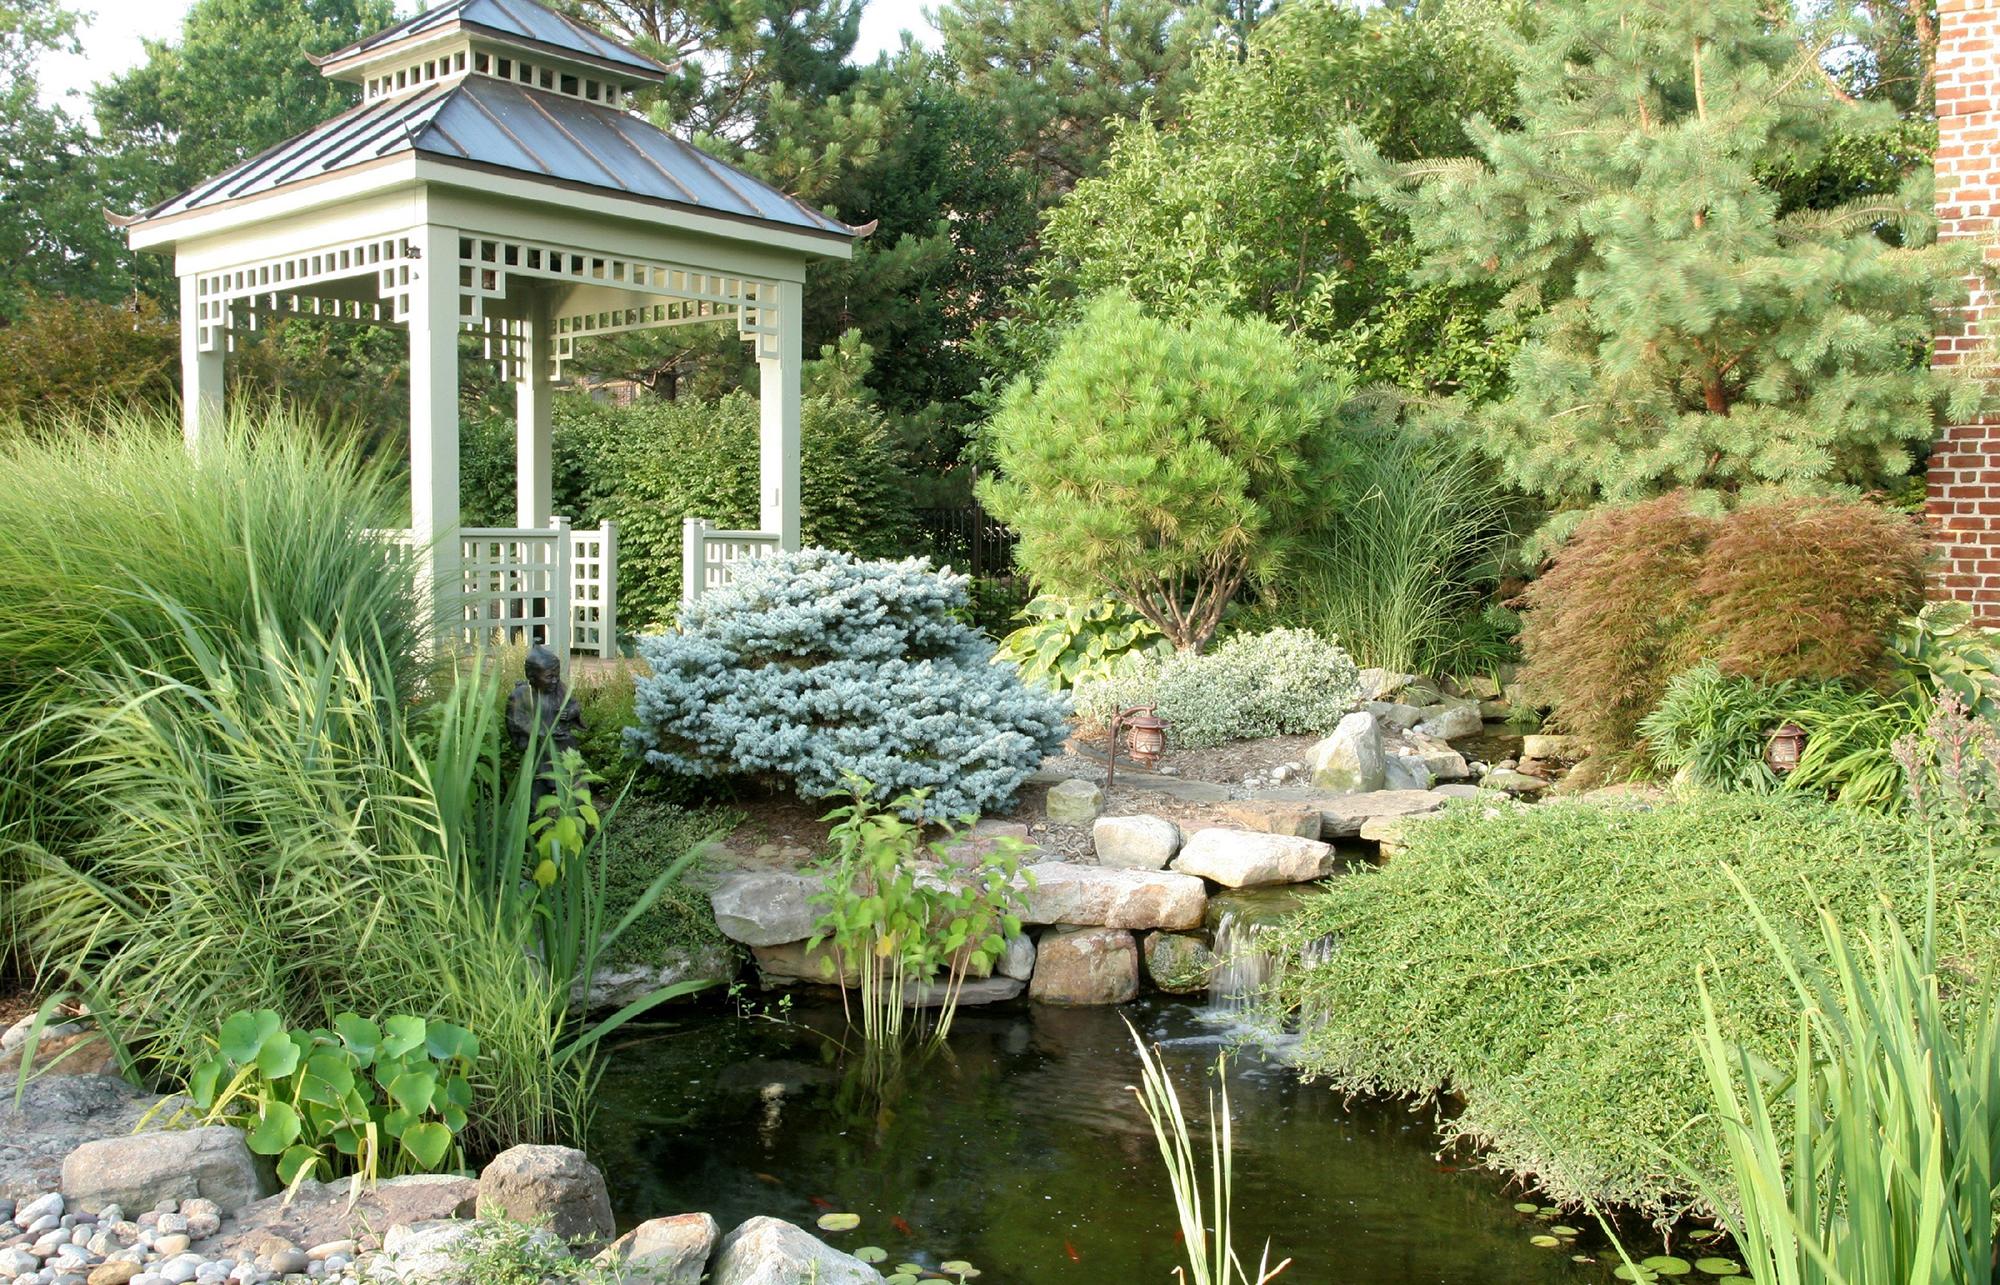 Красивая хвойная композиция в саду с беседкой в китайском стиле